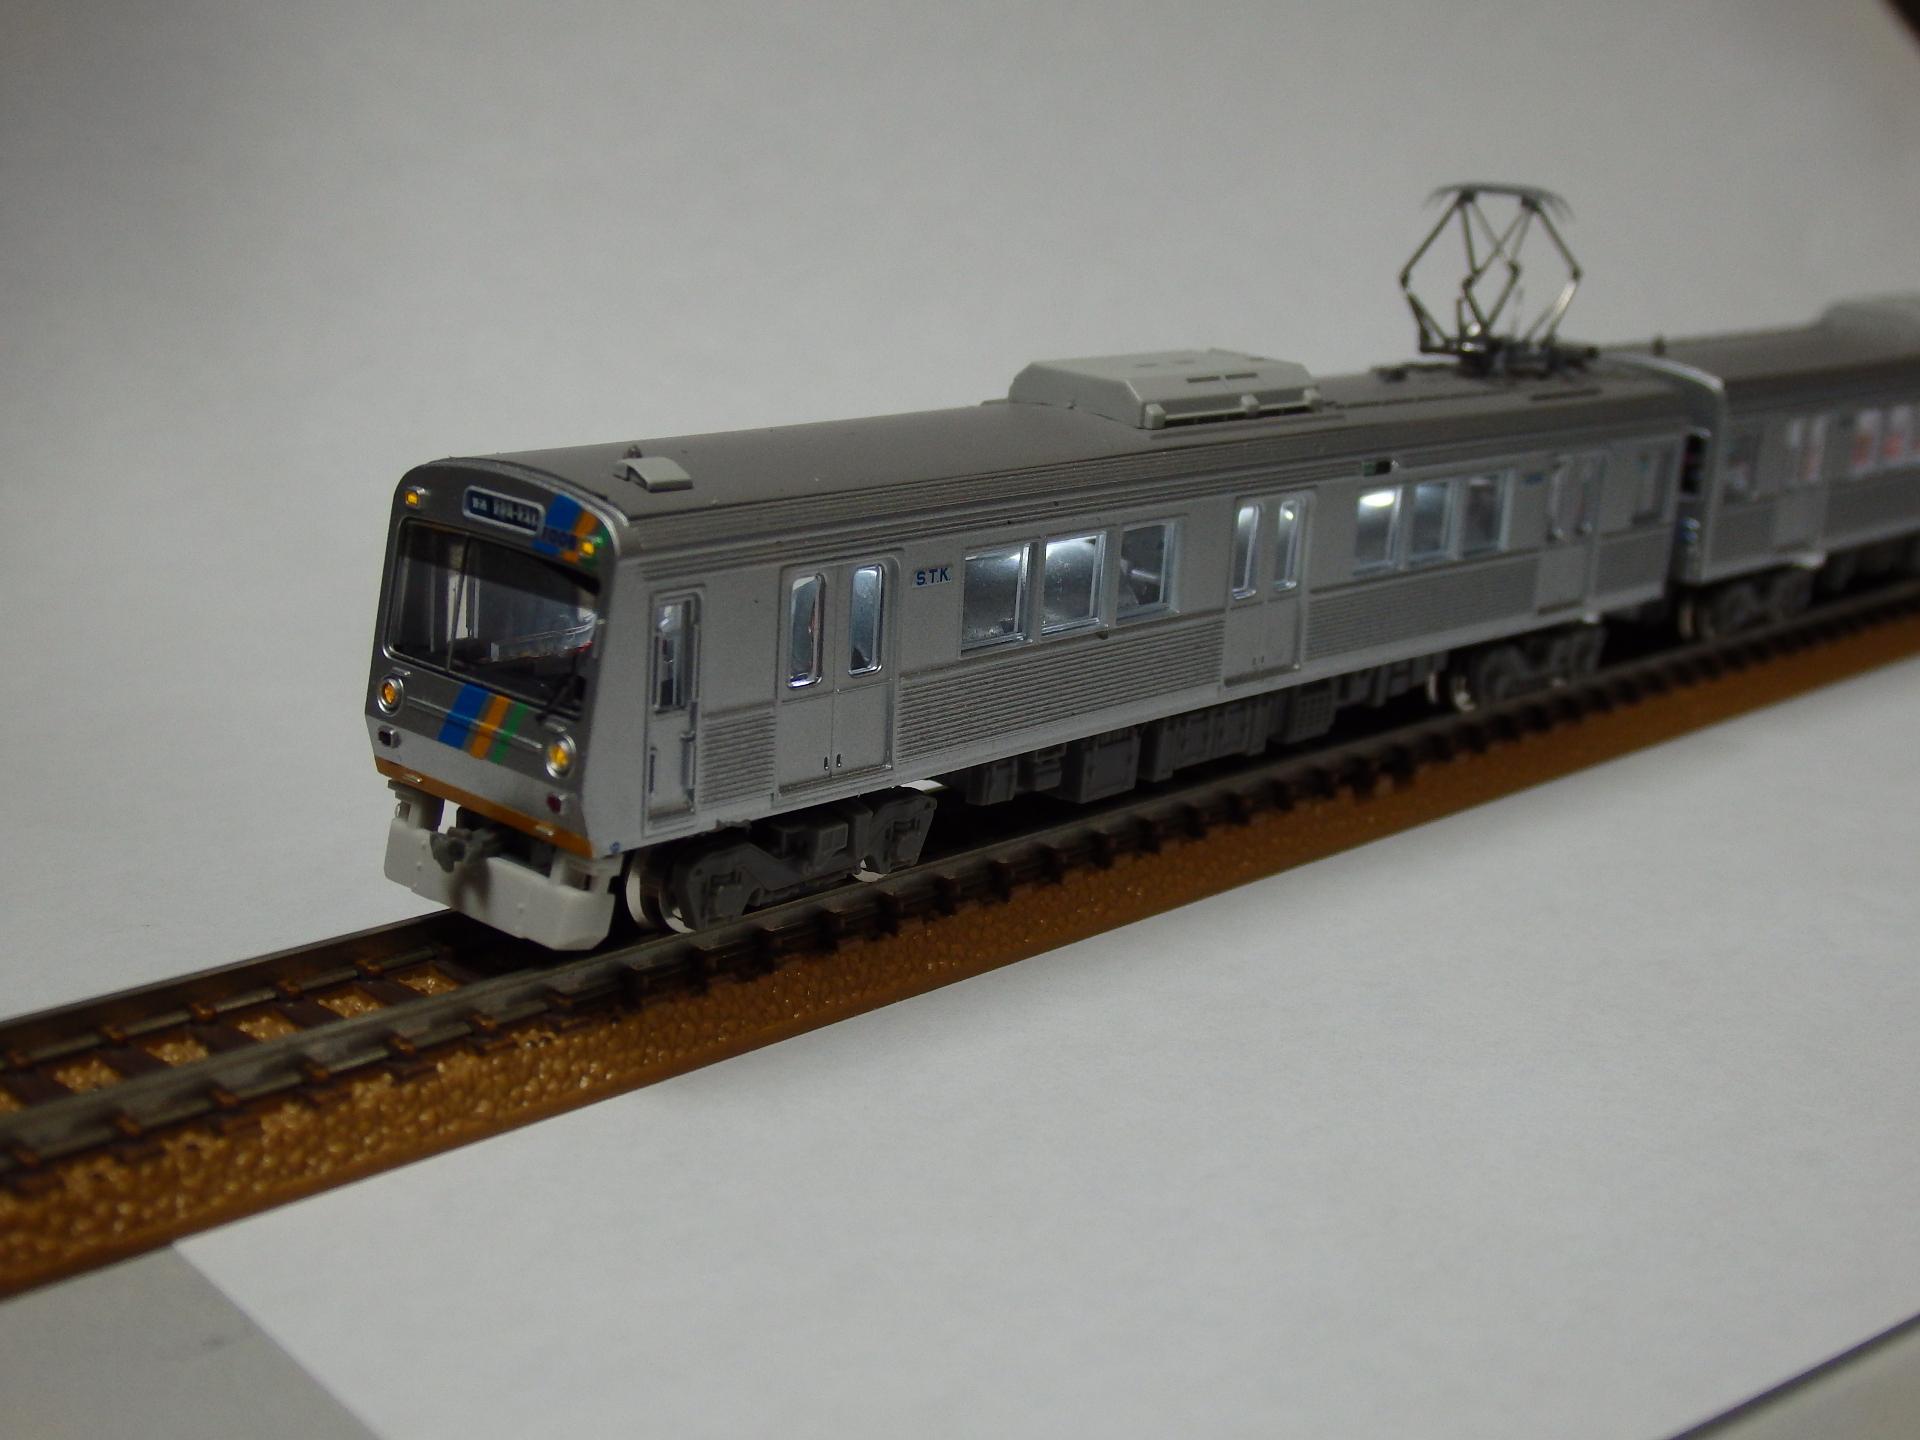 静岡鉄道1000系のヘッドライトの点灯状態です。